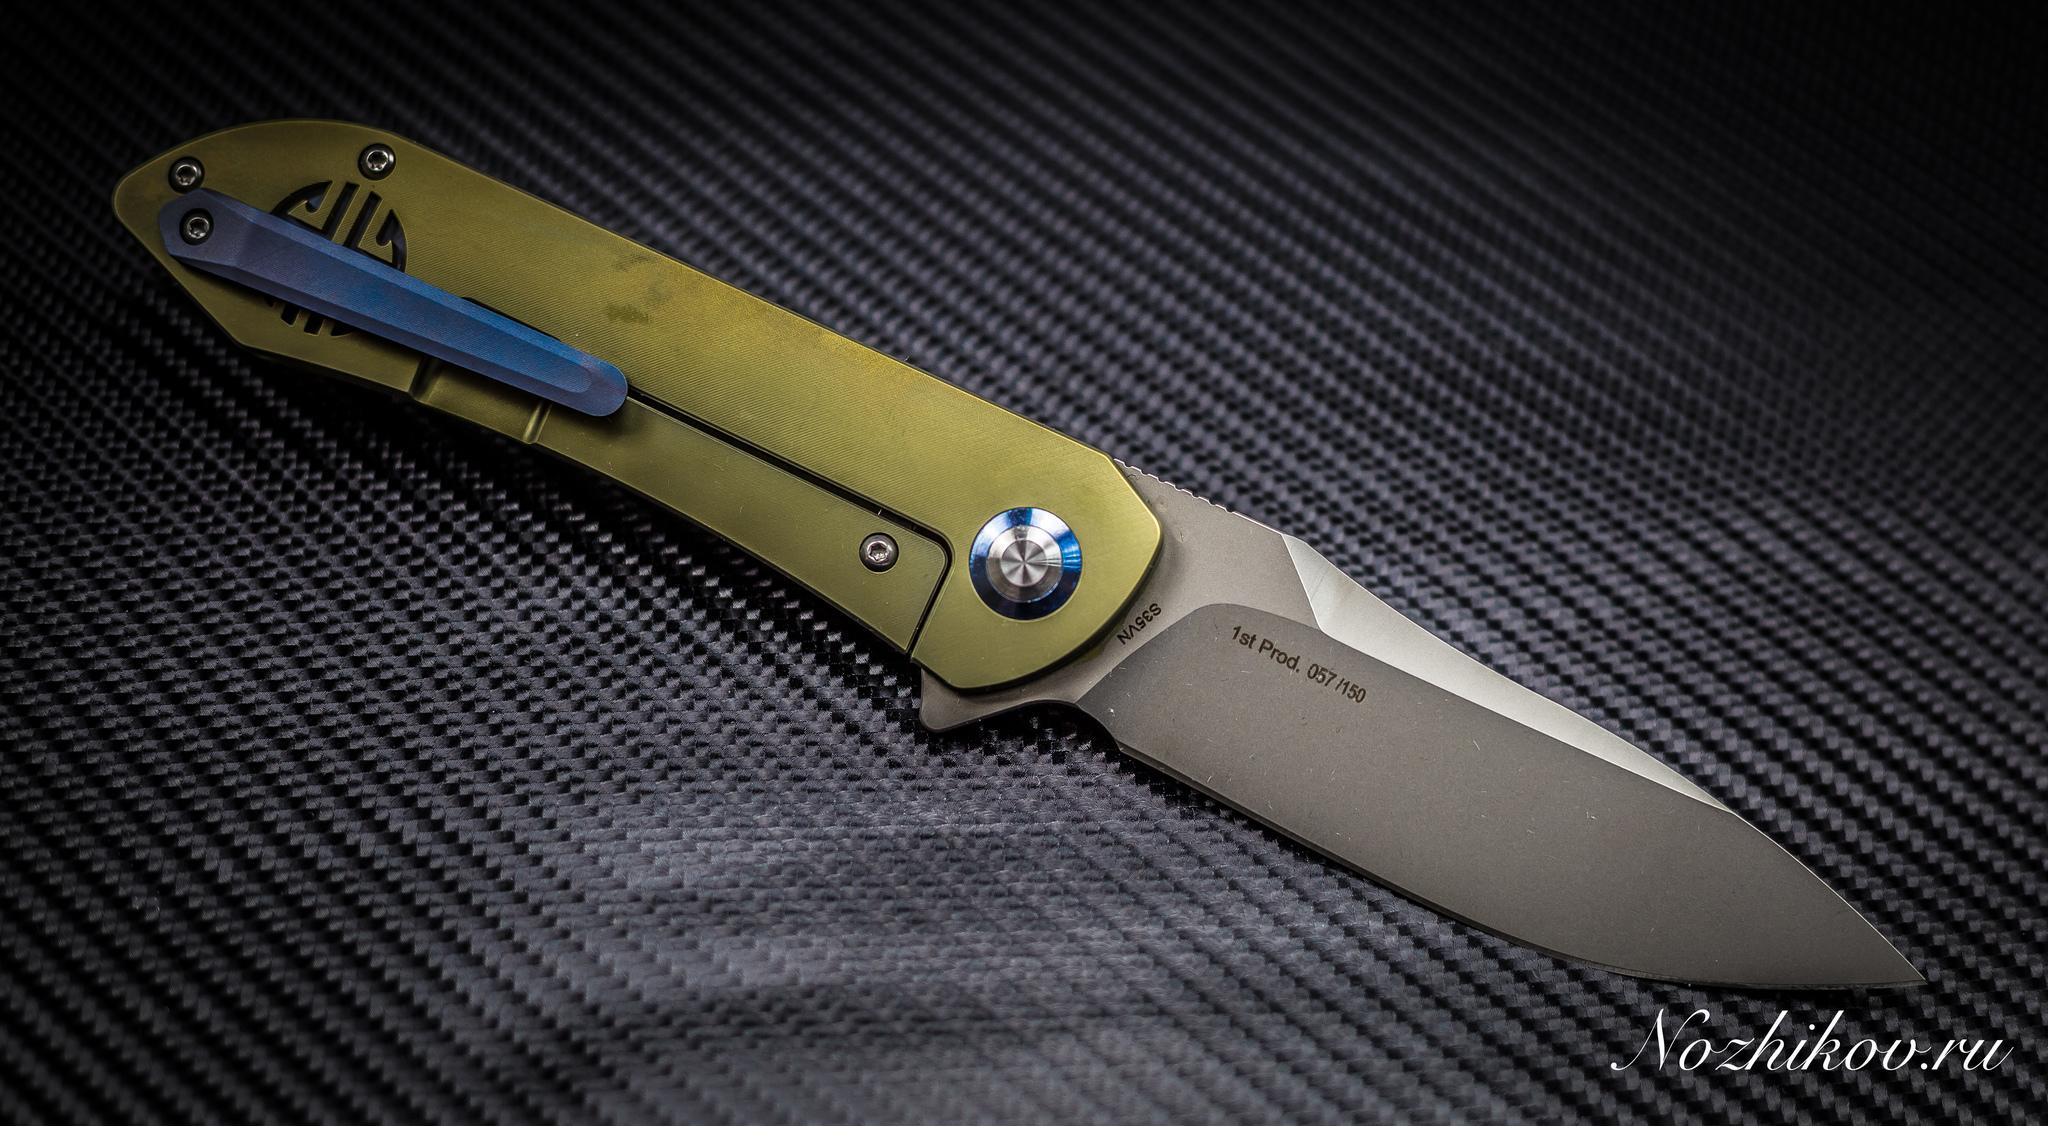 Фото 6 - Складной нож Bestech Knives BT1703B, сталь CPM-S35VN, рукоять титан